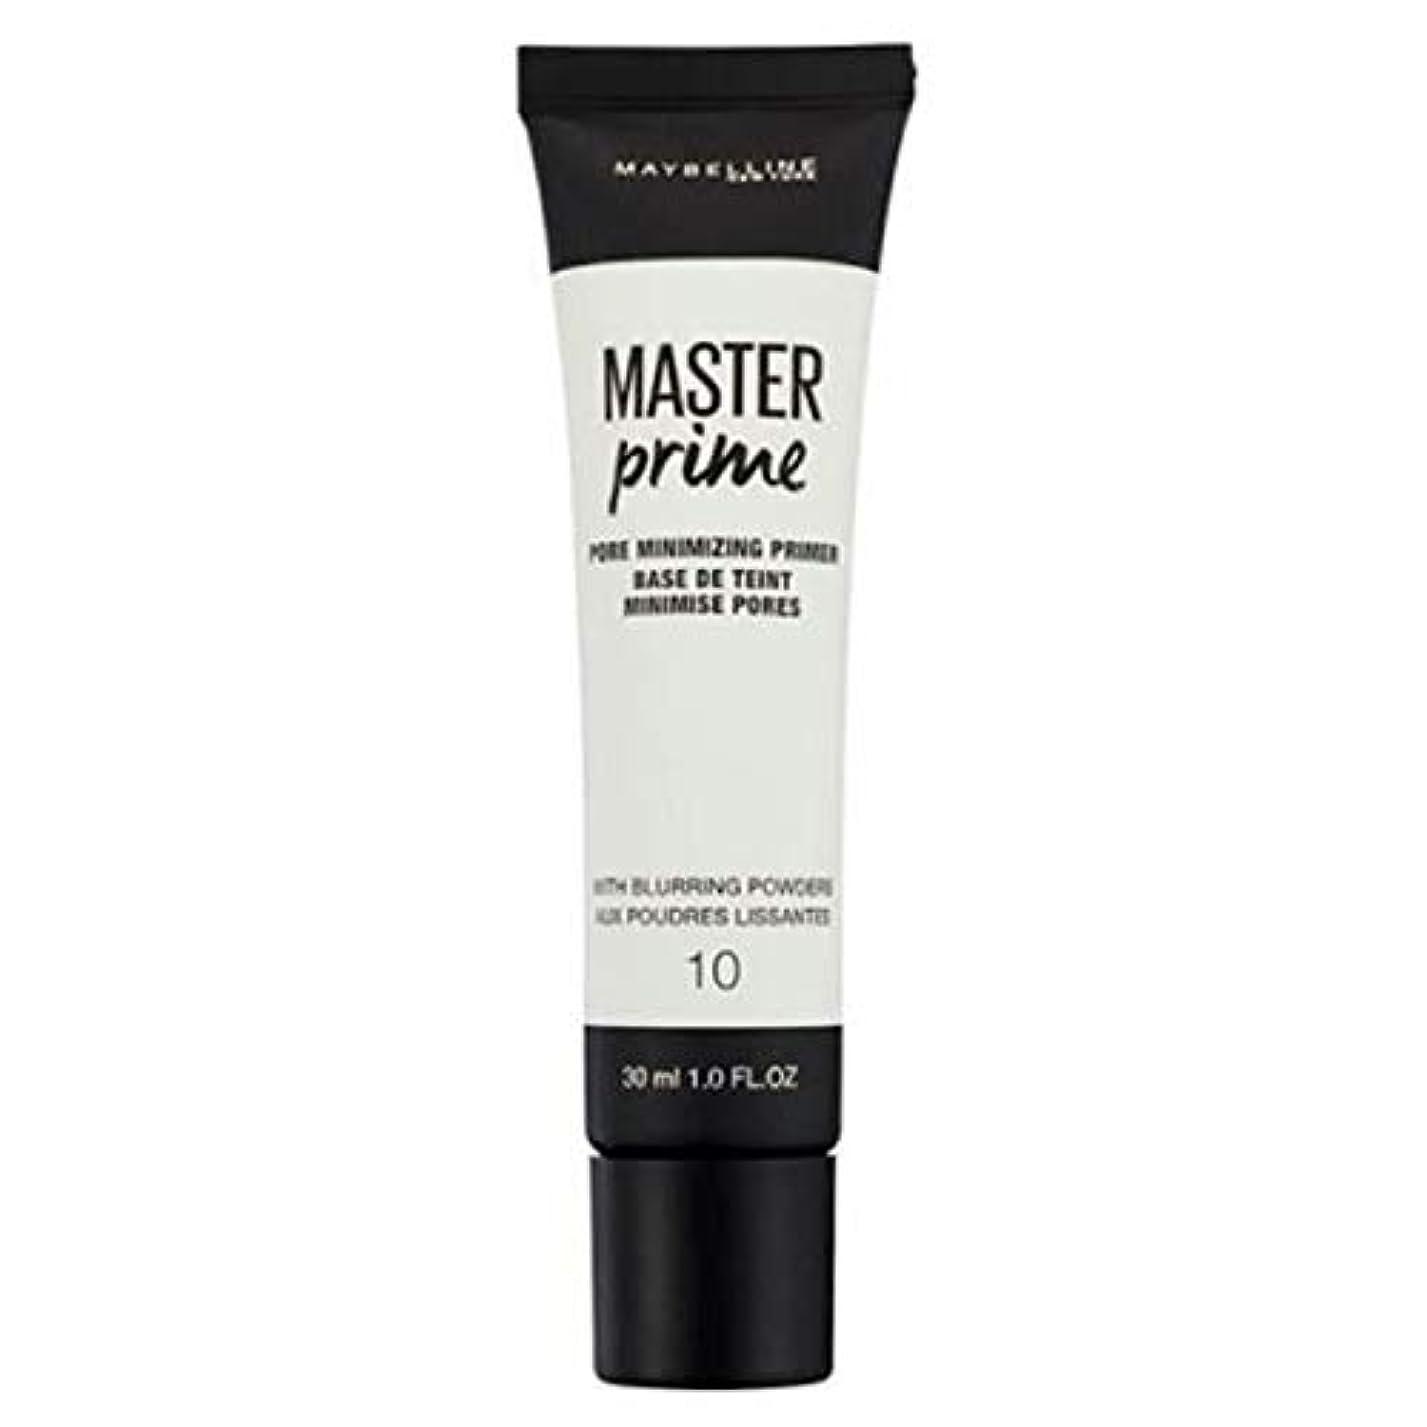 排泄する乱雑な不振[Maybelline ] メイベリンマスタープライム細孔最小限にプライマーをクリア10 - Maybelline Master Prime Pore Minimizing Primer Clear 10 [並行輸入品]